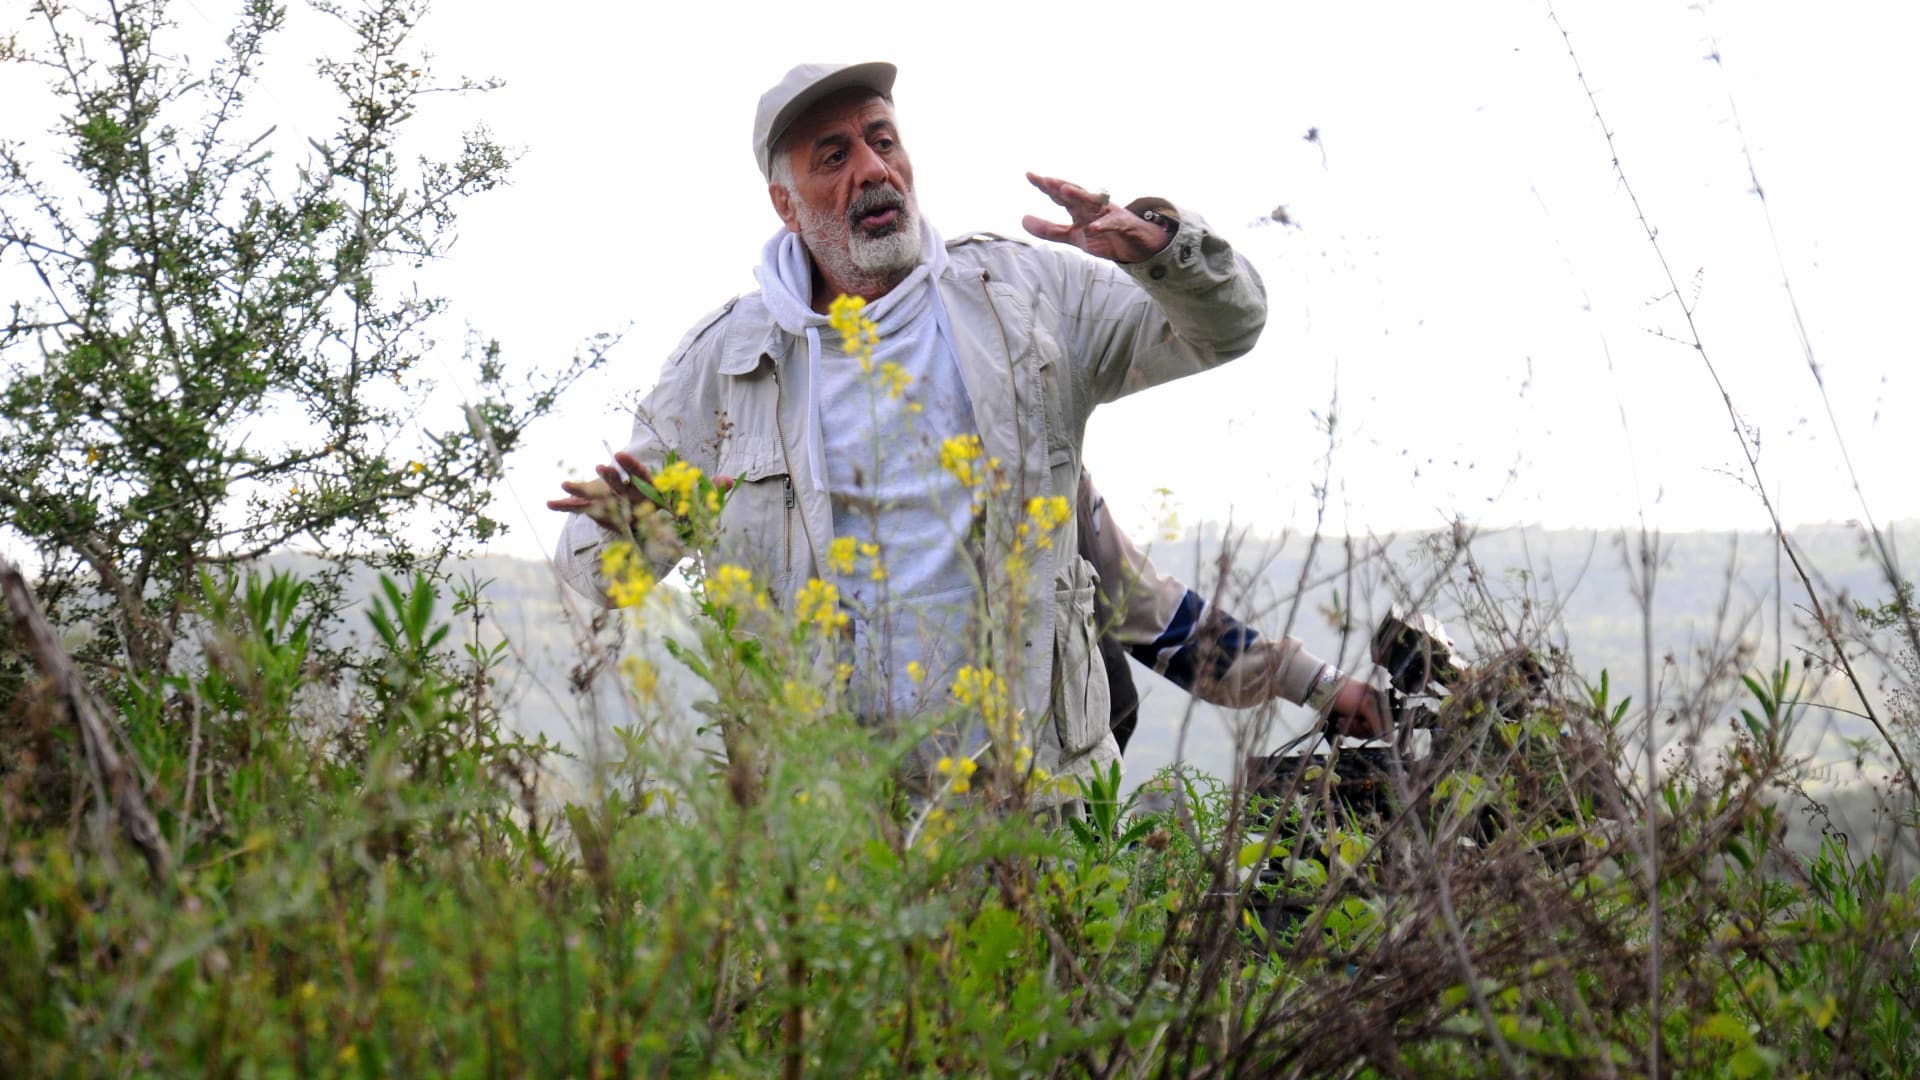 المخرج أيمن زيدان بين أحضان الطبيعة الساحرة في أحد مواقع التصوير.